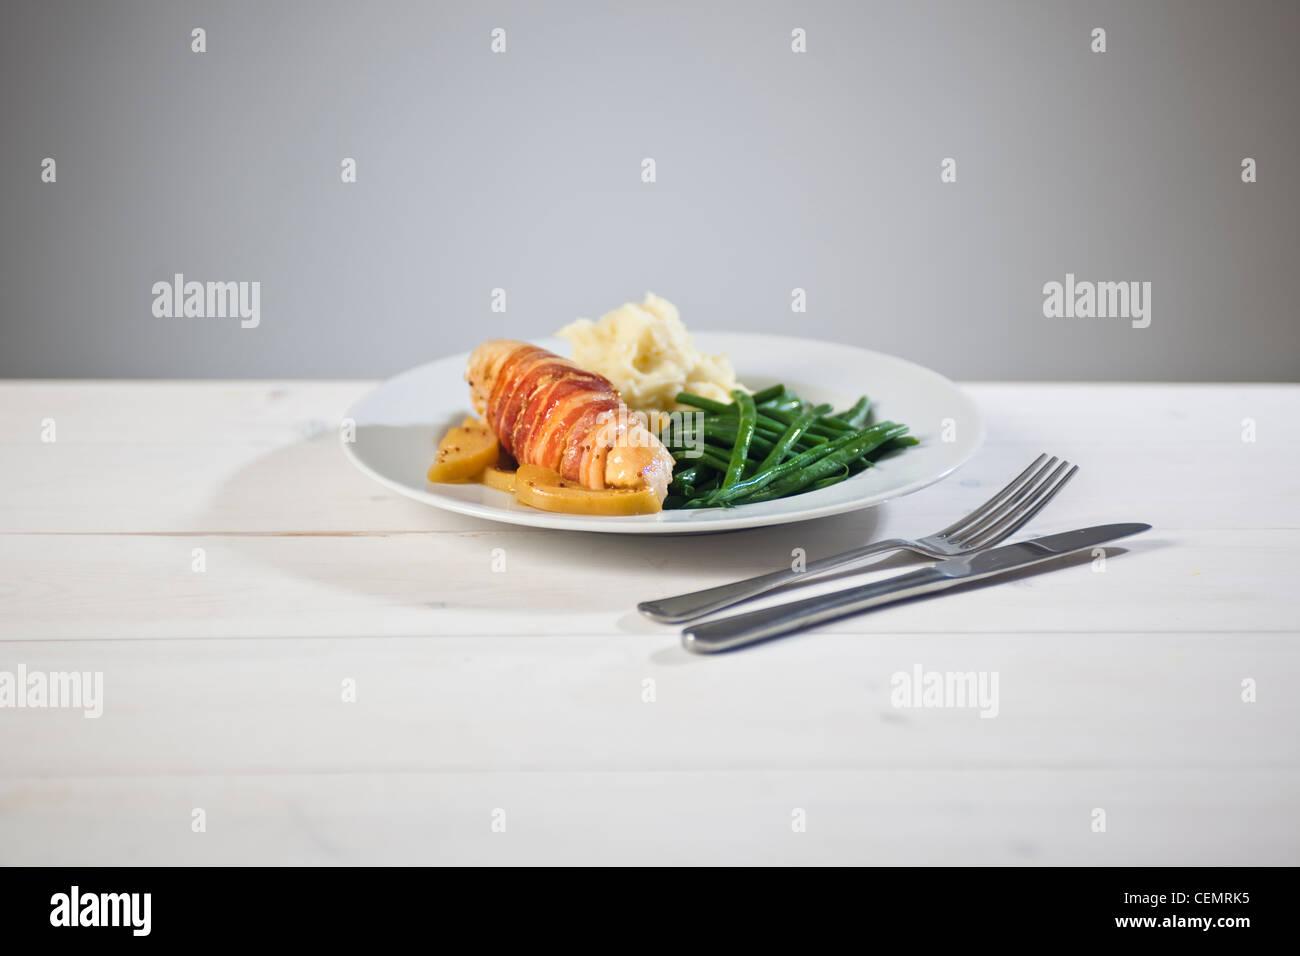 Pollo Bacon y pera comida Imagen De Stock